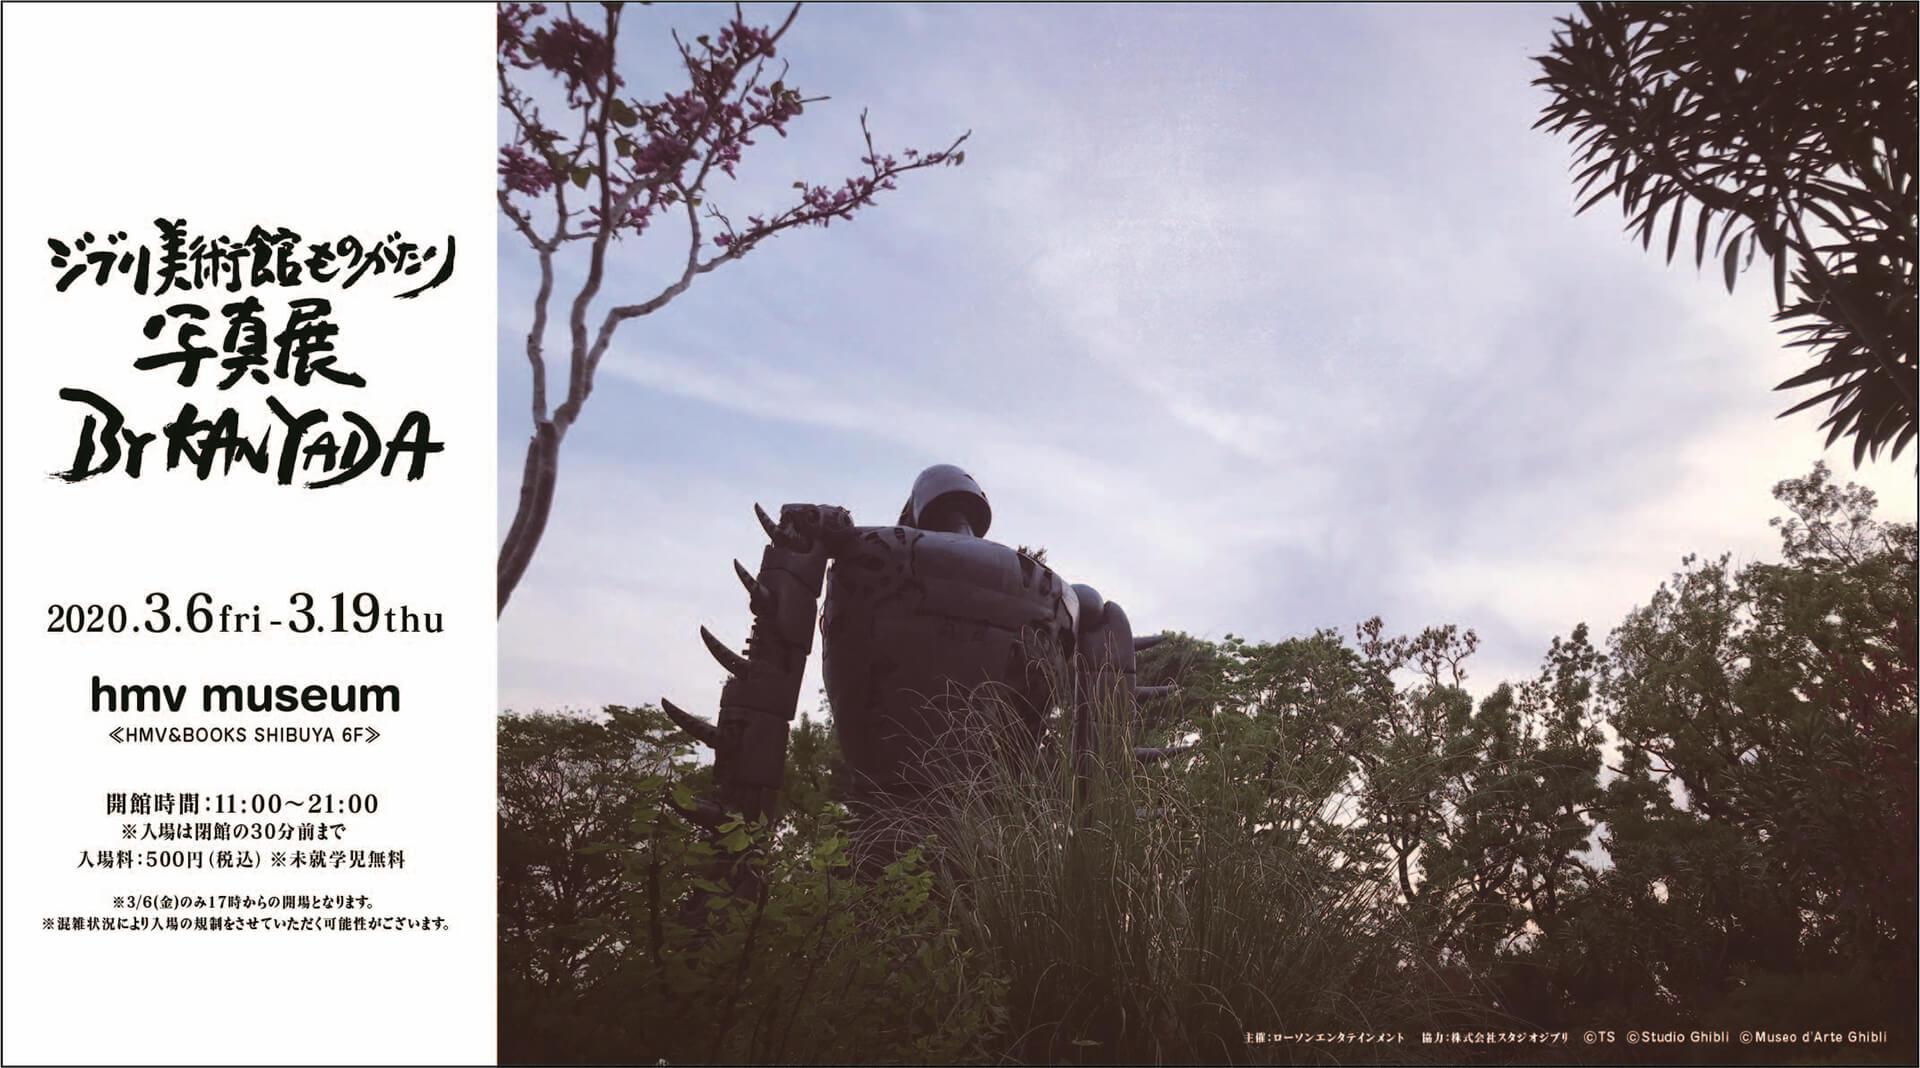 ジブリ美術館ものがたり写真展・バナー